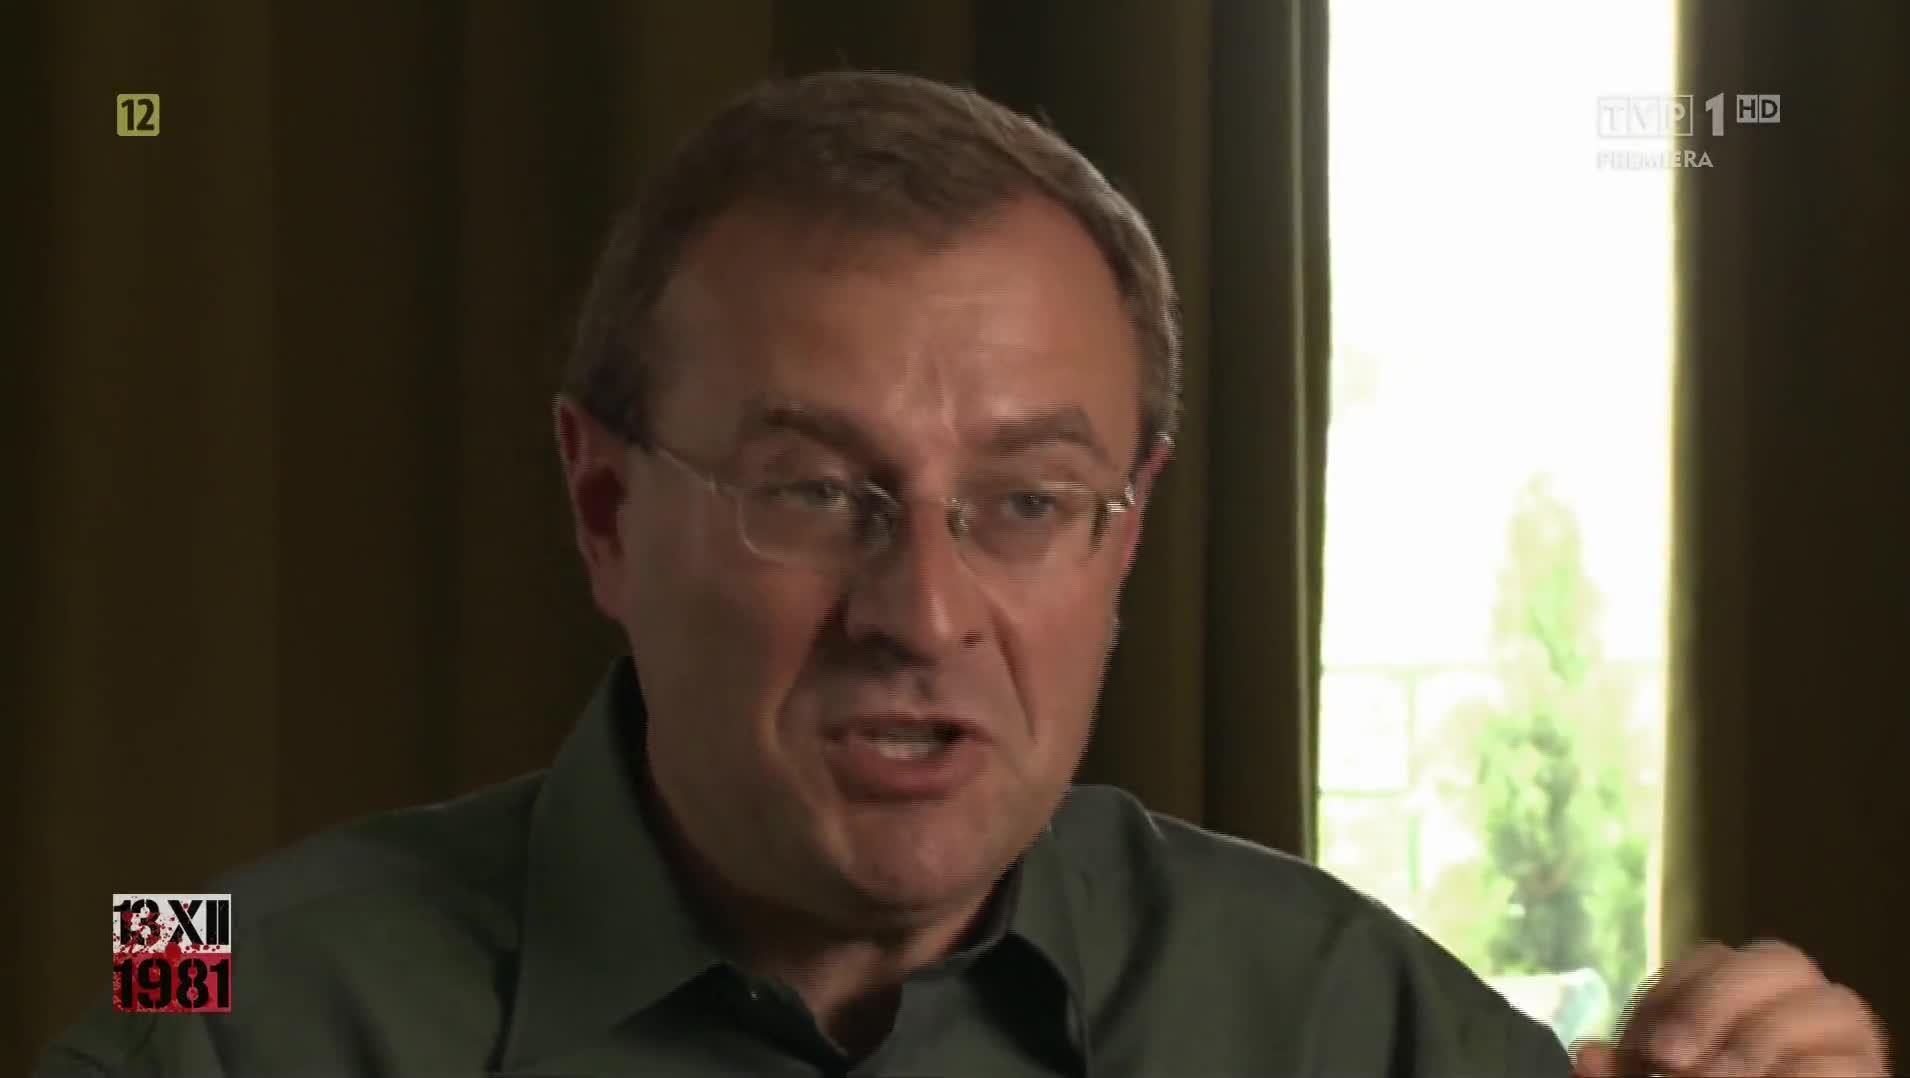 Towarzysz generał idzie na wojnę (2011) [Dok] Lektor